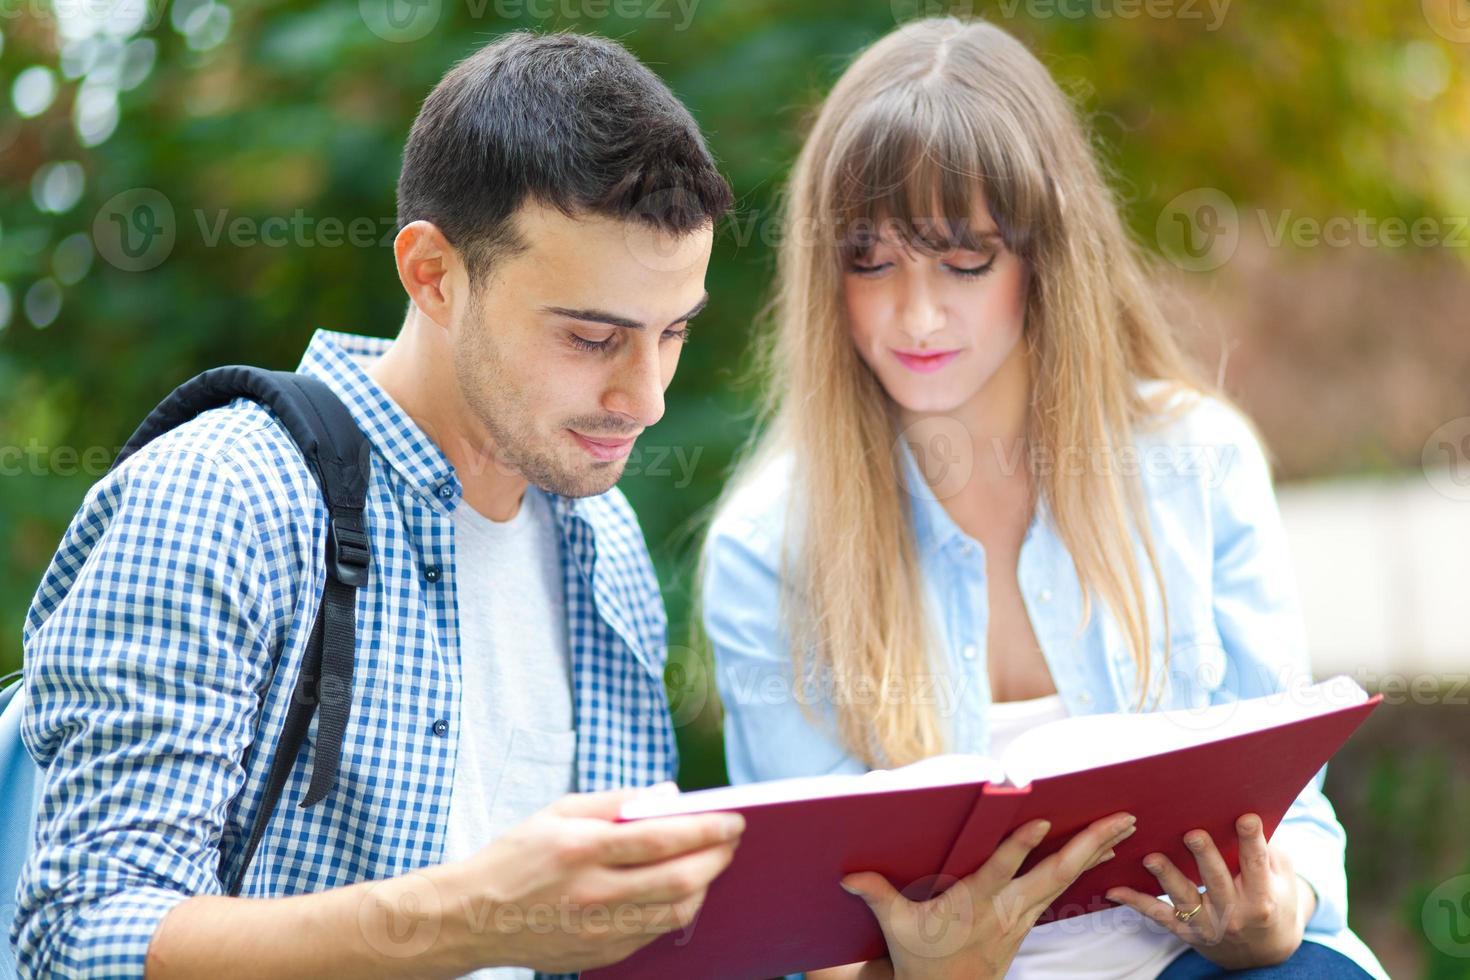 pareja de estudiantes leyendo un libro foto